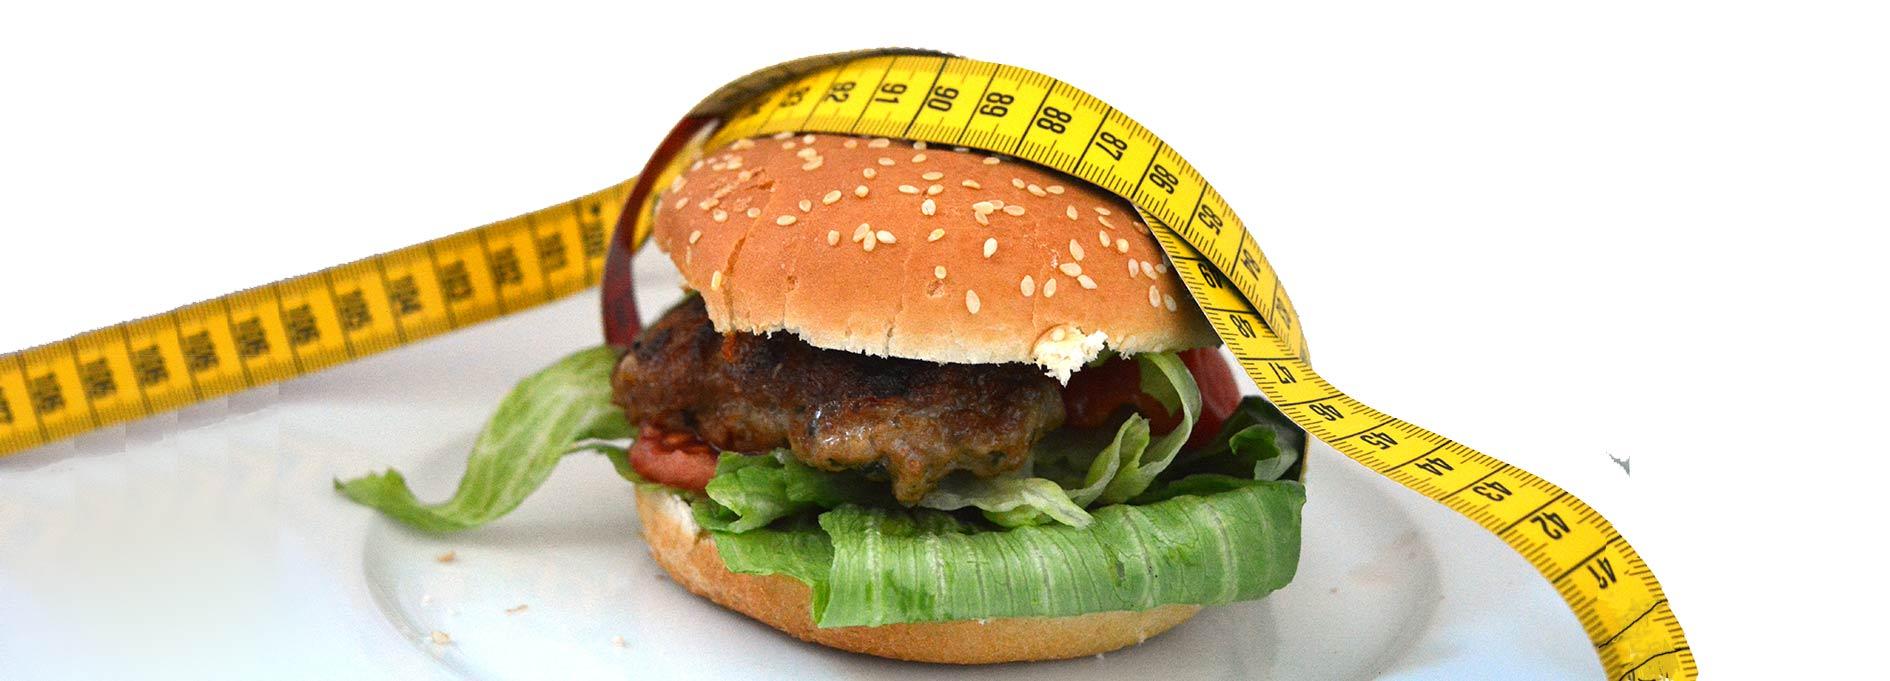 Hamburger mit Maßband außenrum